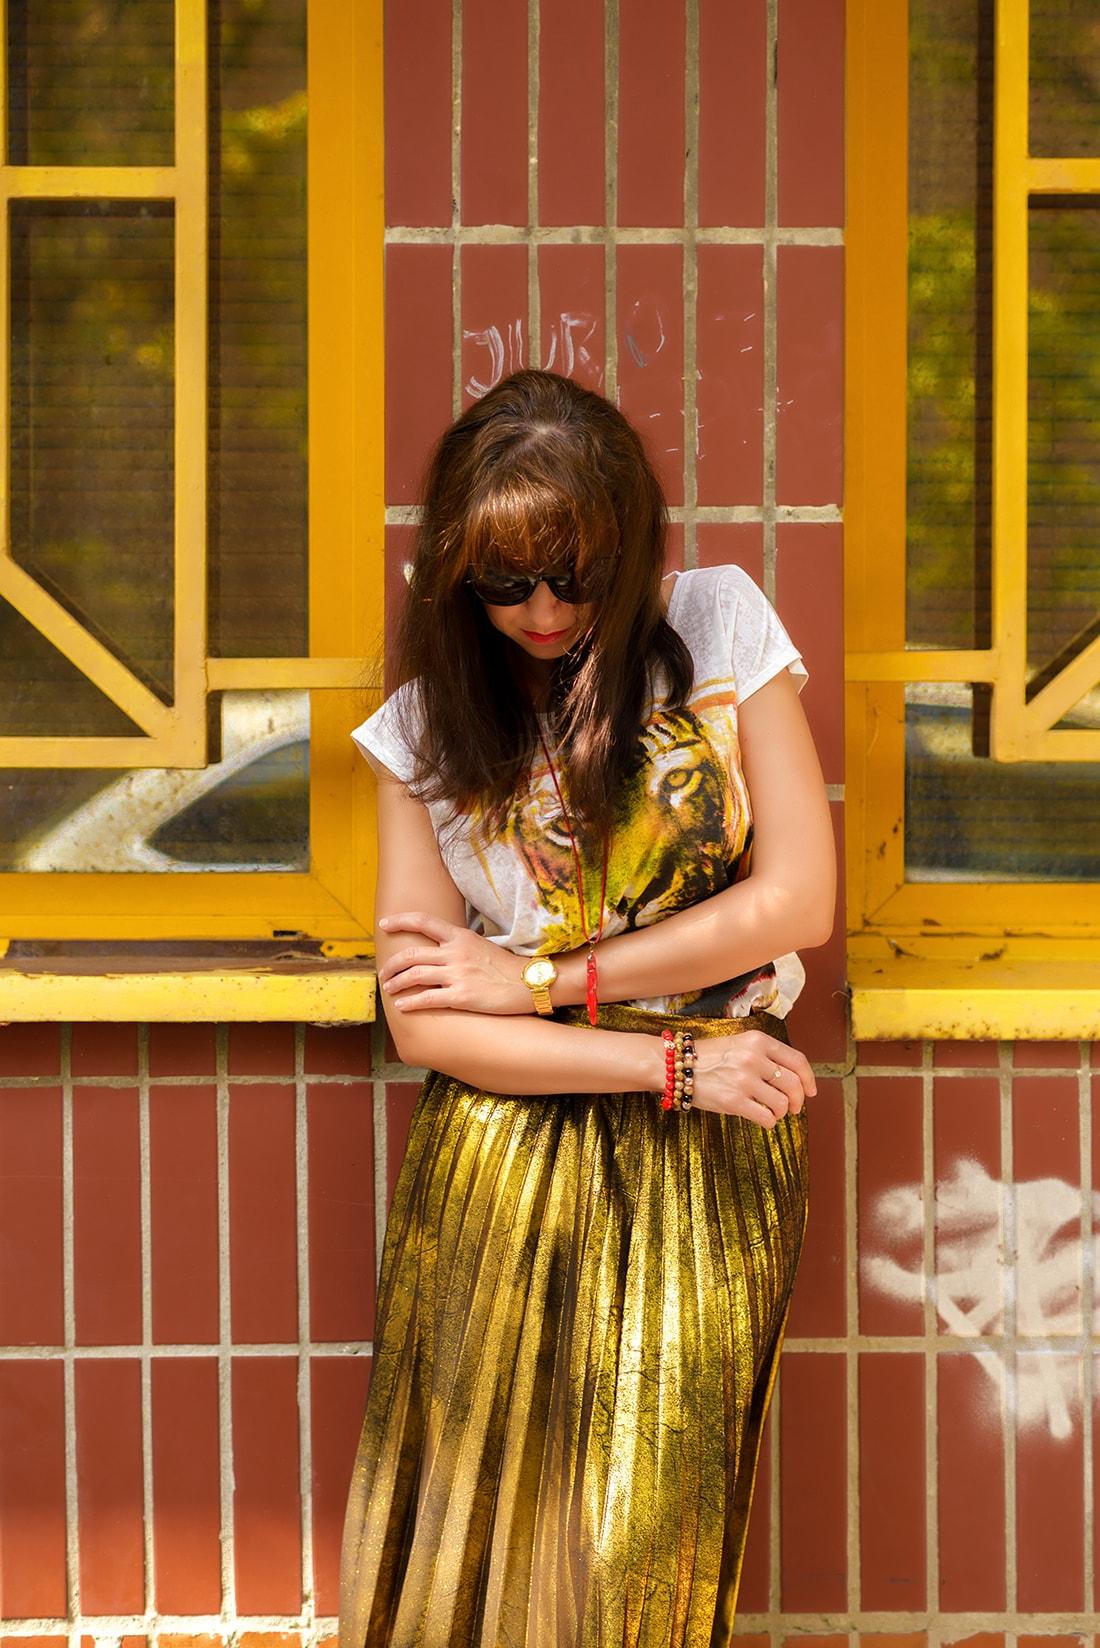 RADOSŤ AJ VĎAKA NÁRAMKOM OD DELTIMO_Katharine-fashion is beautiful_blog 7_Zlatá plisovaná sukňa Zara_Červená kabelka JEJ_Zvierací motív_Katarína Jakubčová_Fashion blogger